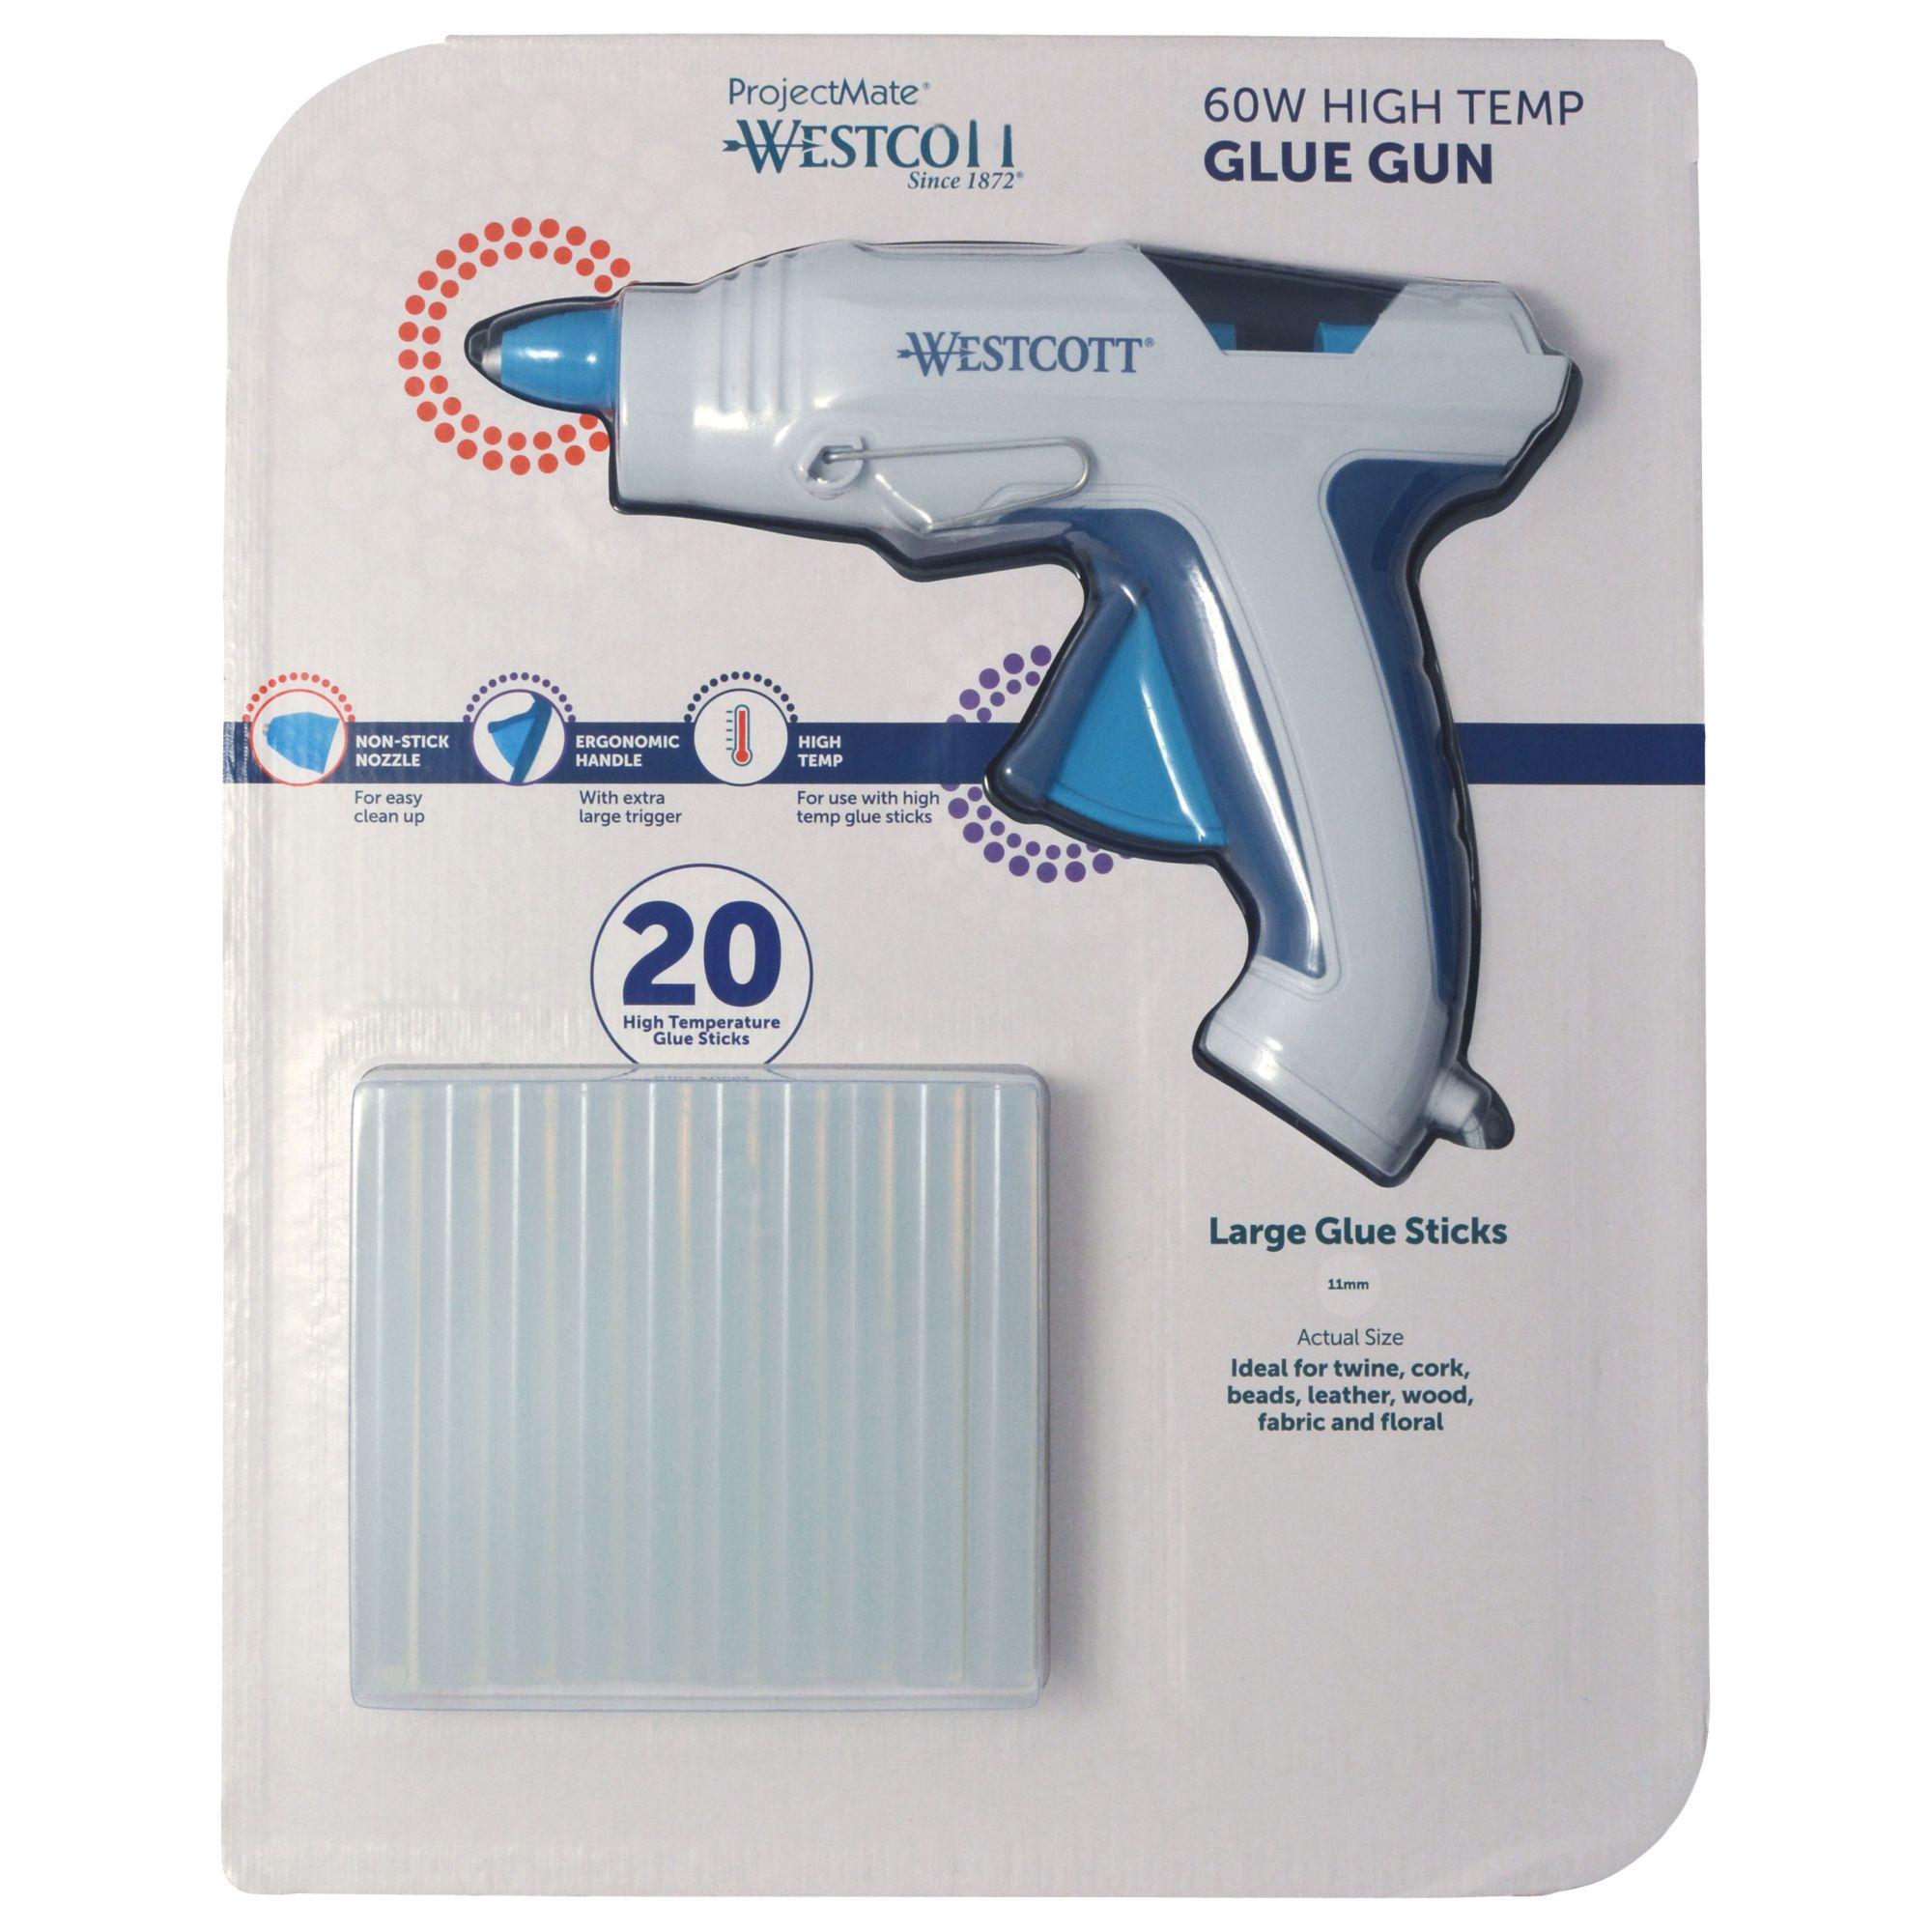 Westcott Premium Mid Sized Hot Glue Gun